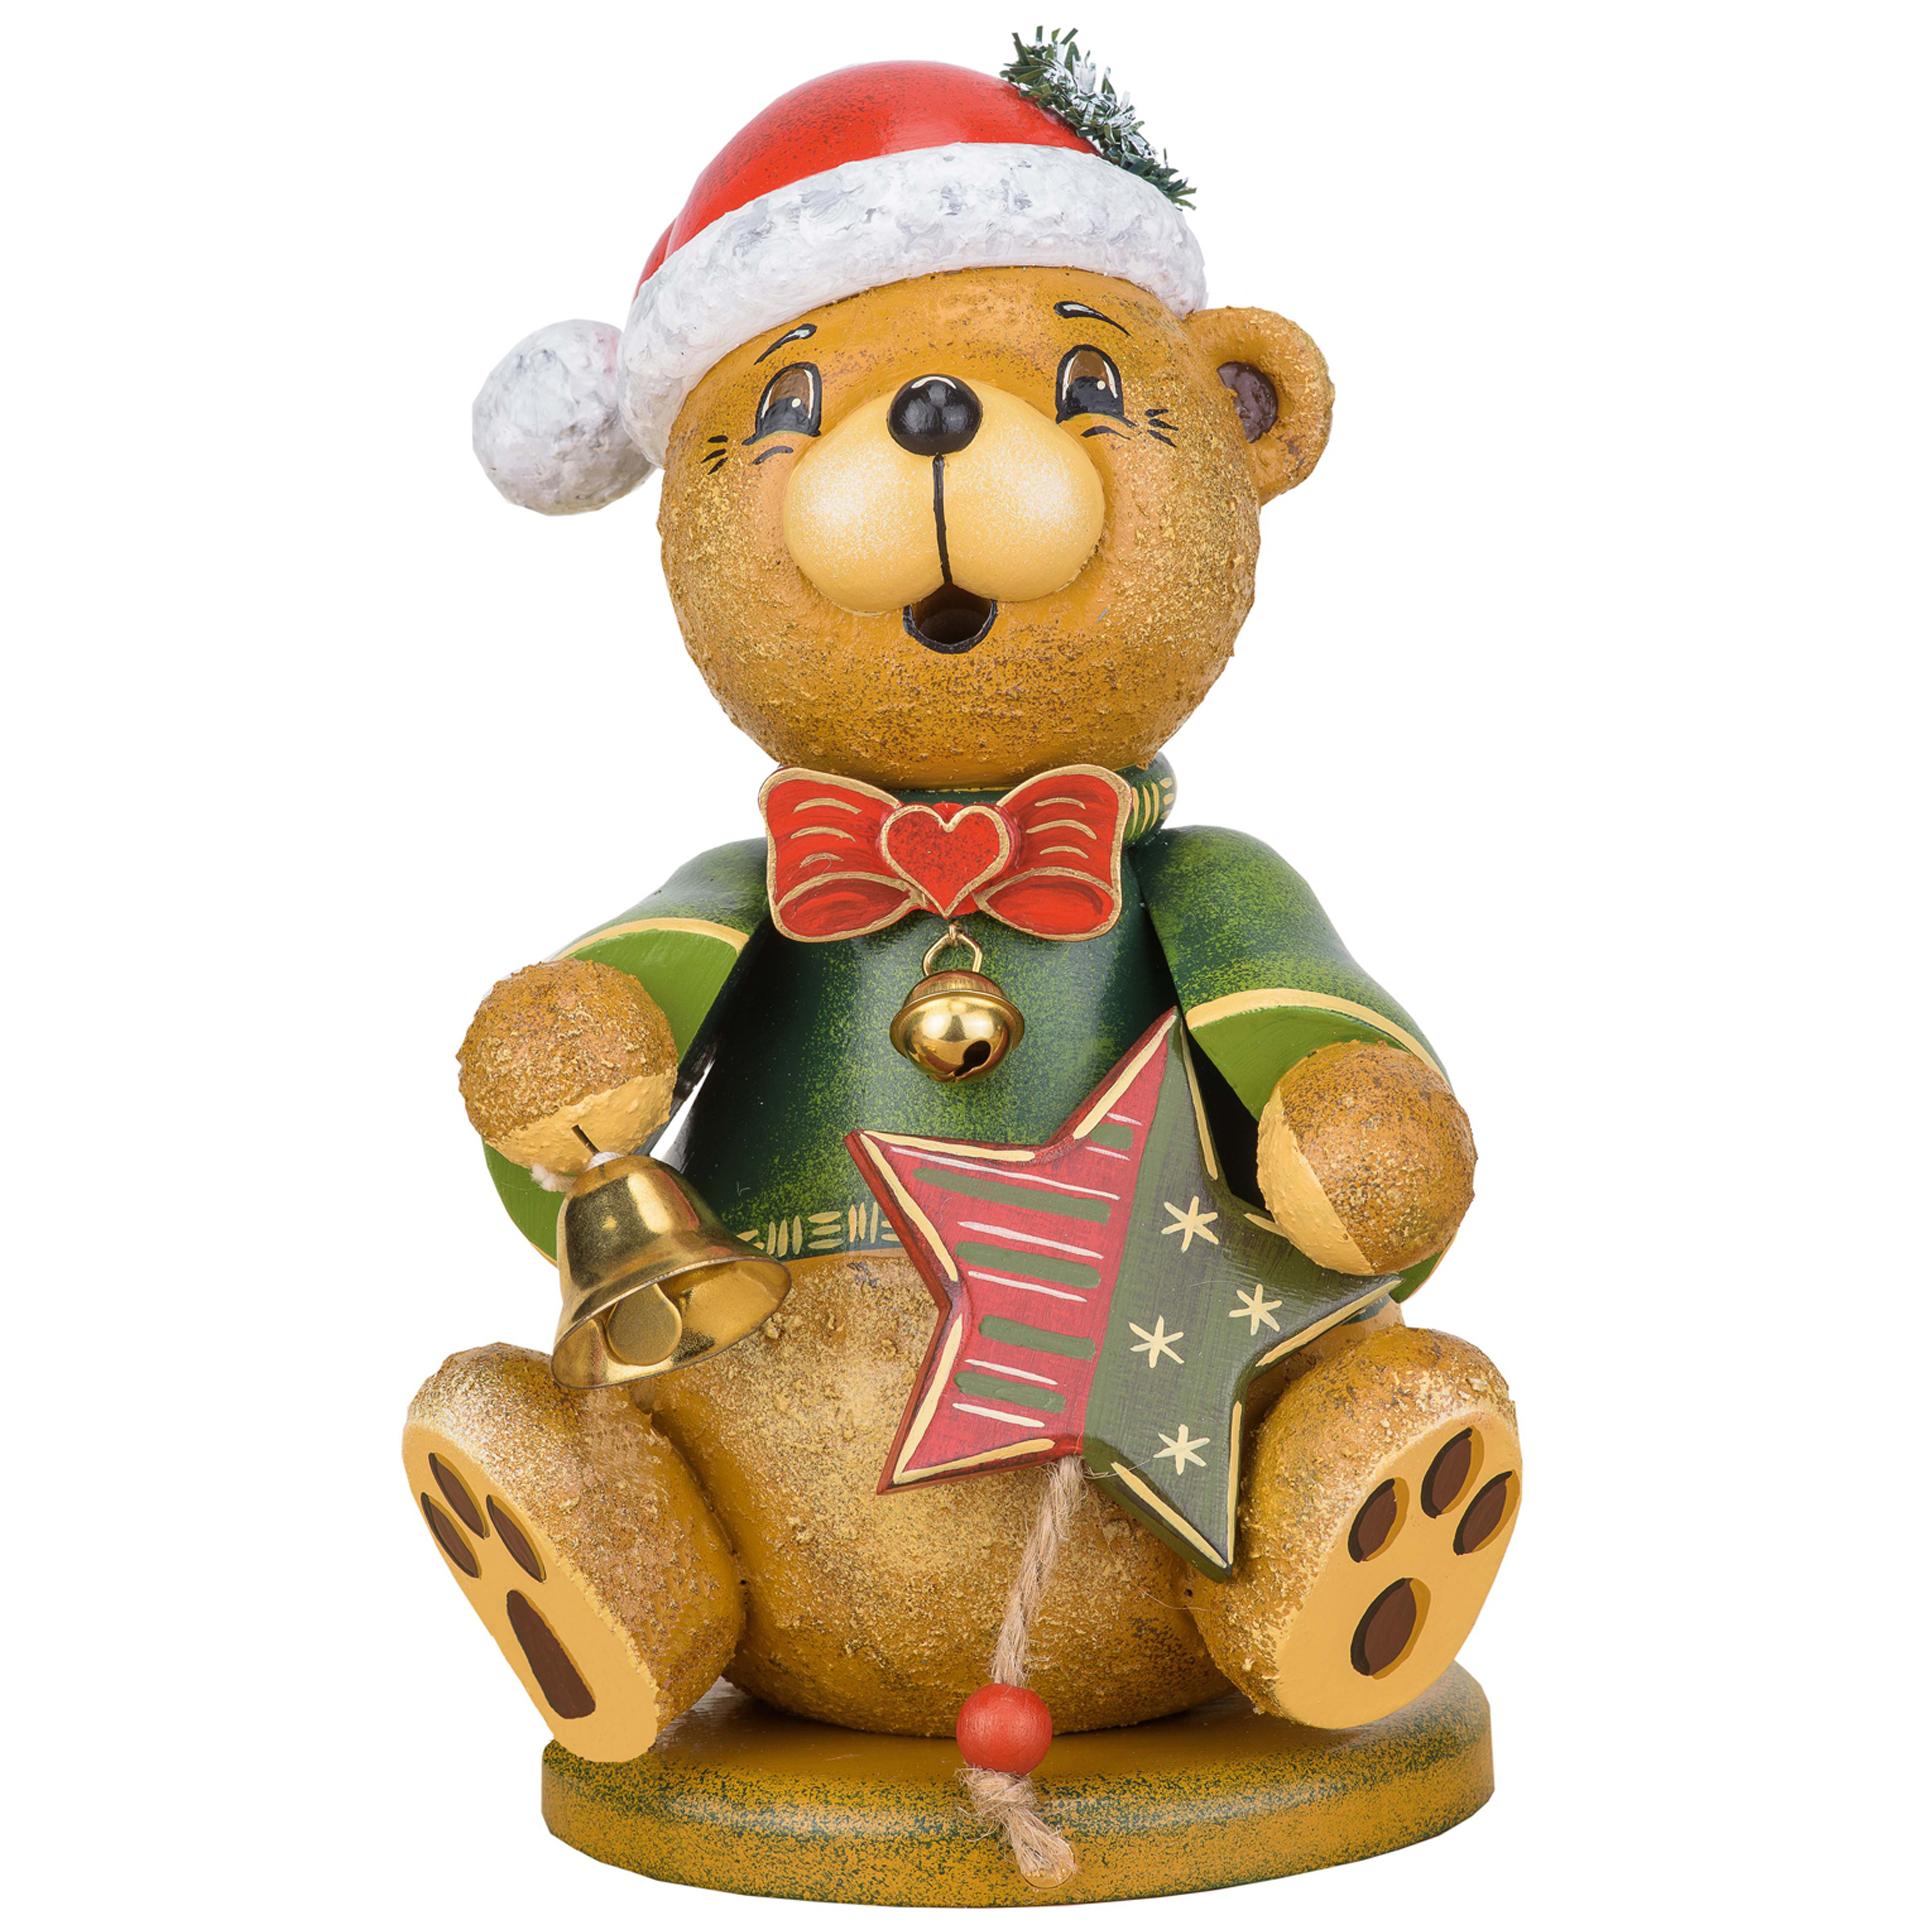 Rauchfigur Teddy Weihnachtsklaus